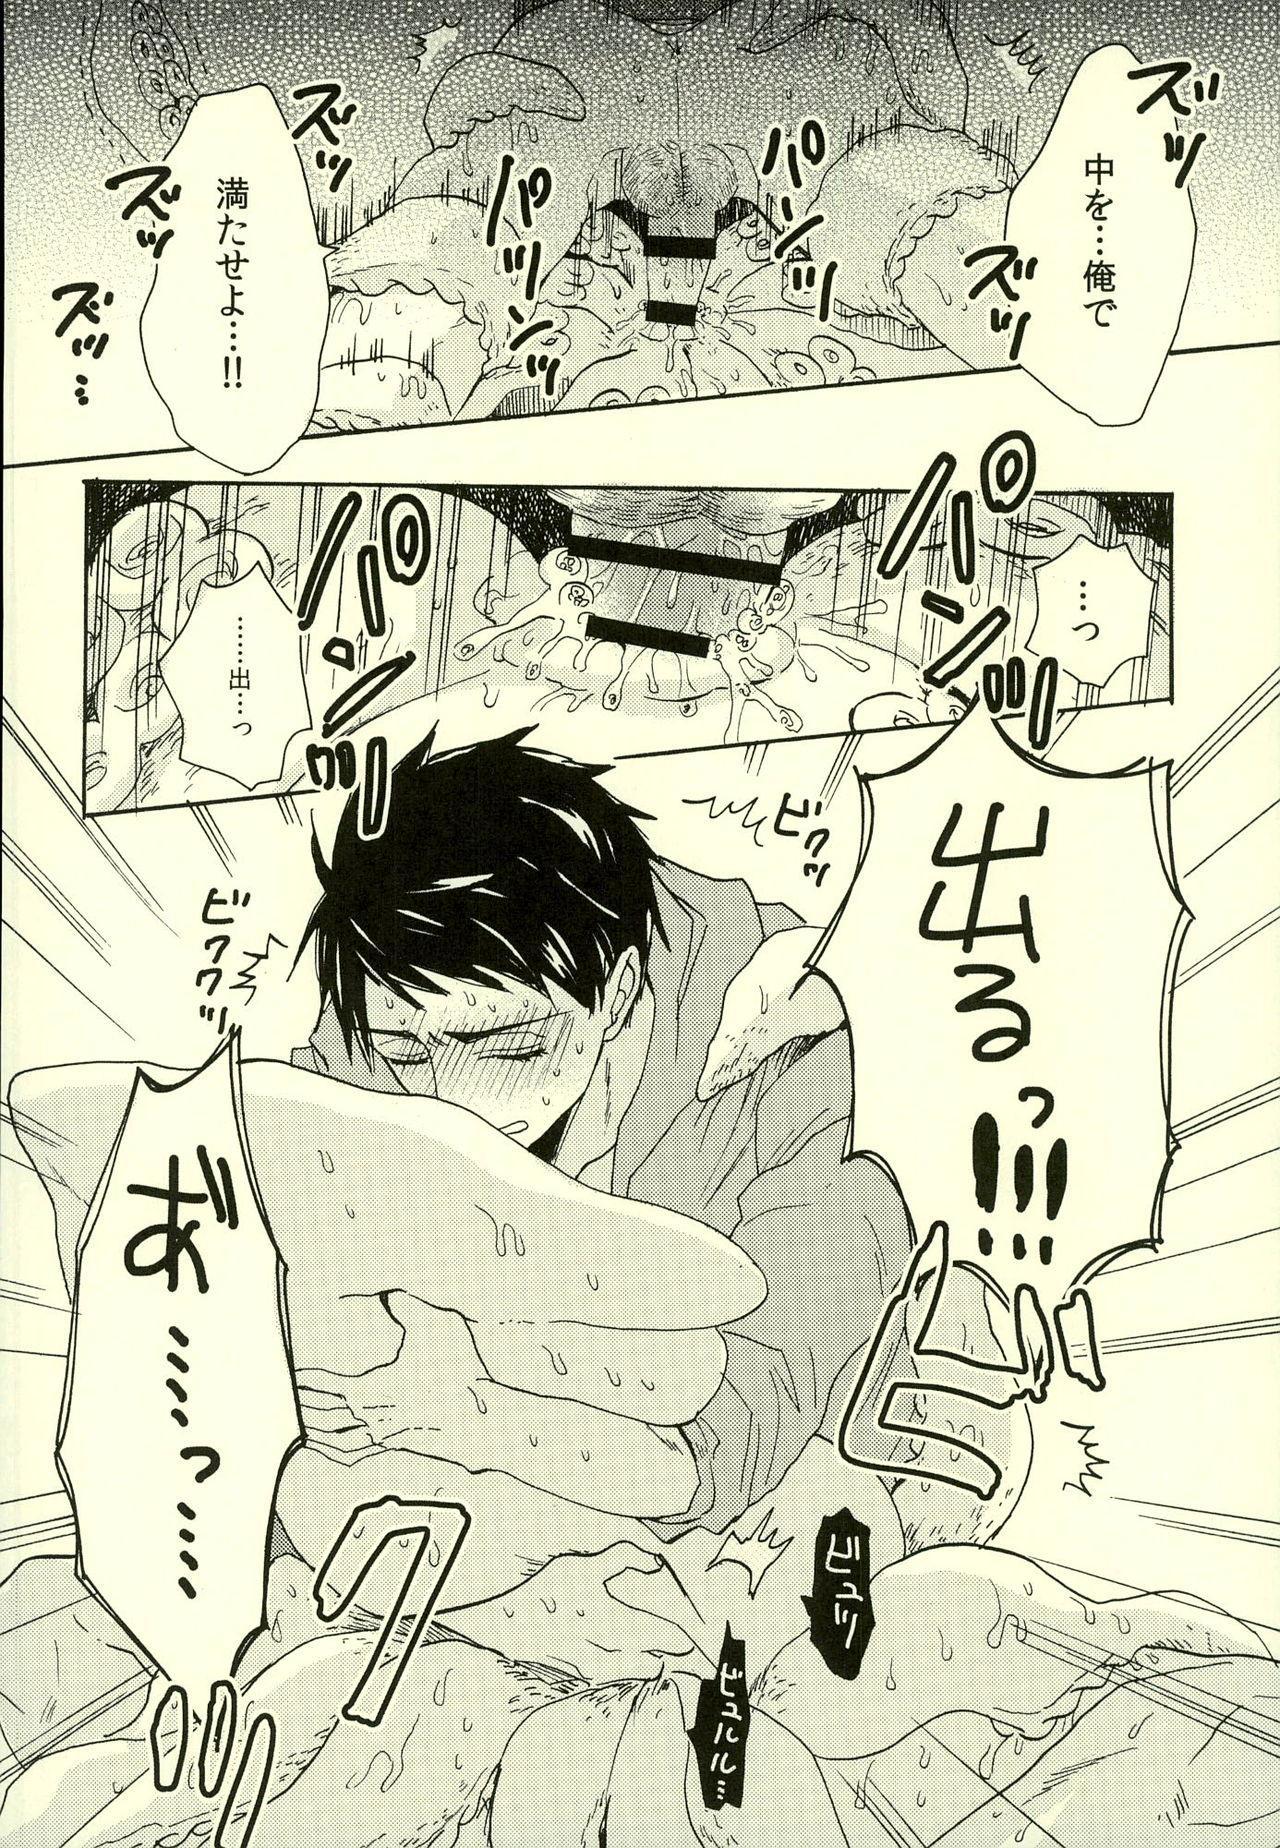 (SUPERKansai20) [hn (Pirori)] Sou-chan Jana-ika!? (Free!) 16